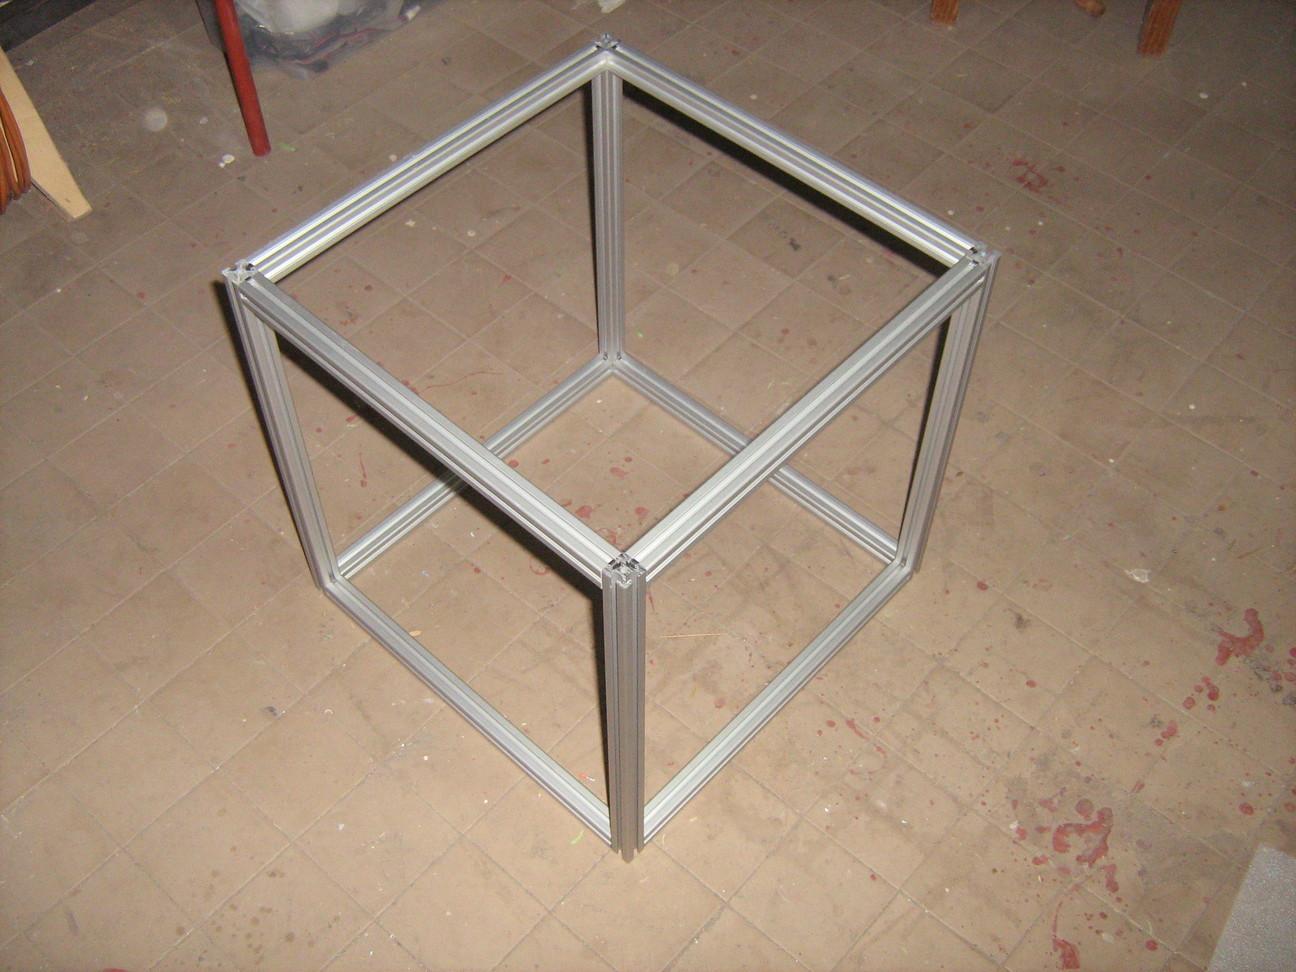 400x400x400-as kocka item aluprofilokból